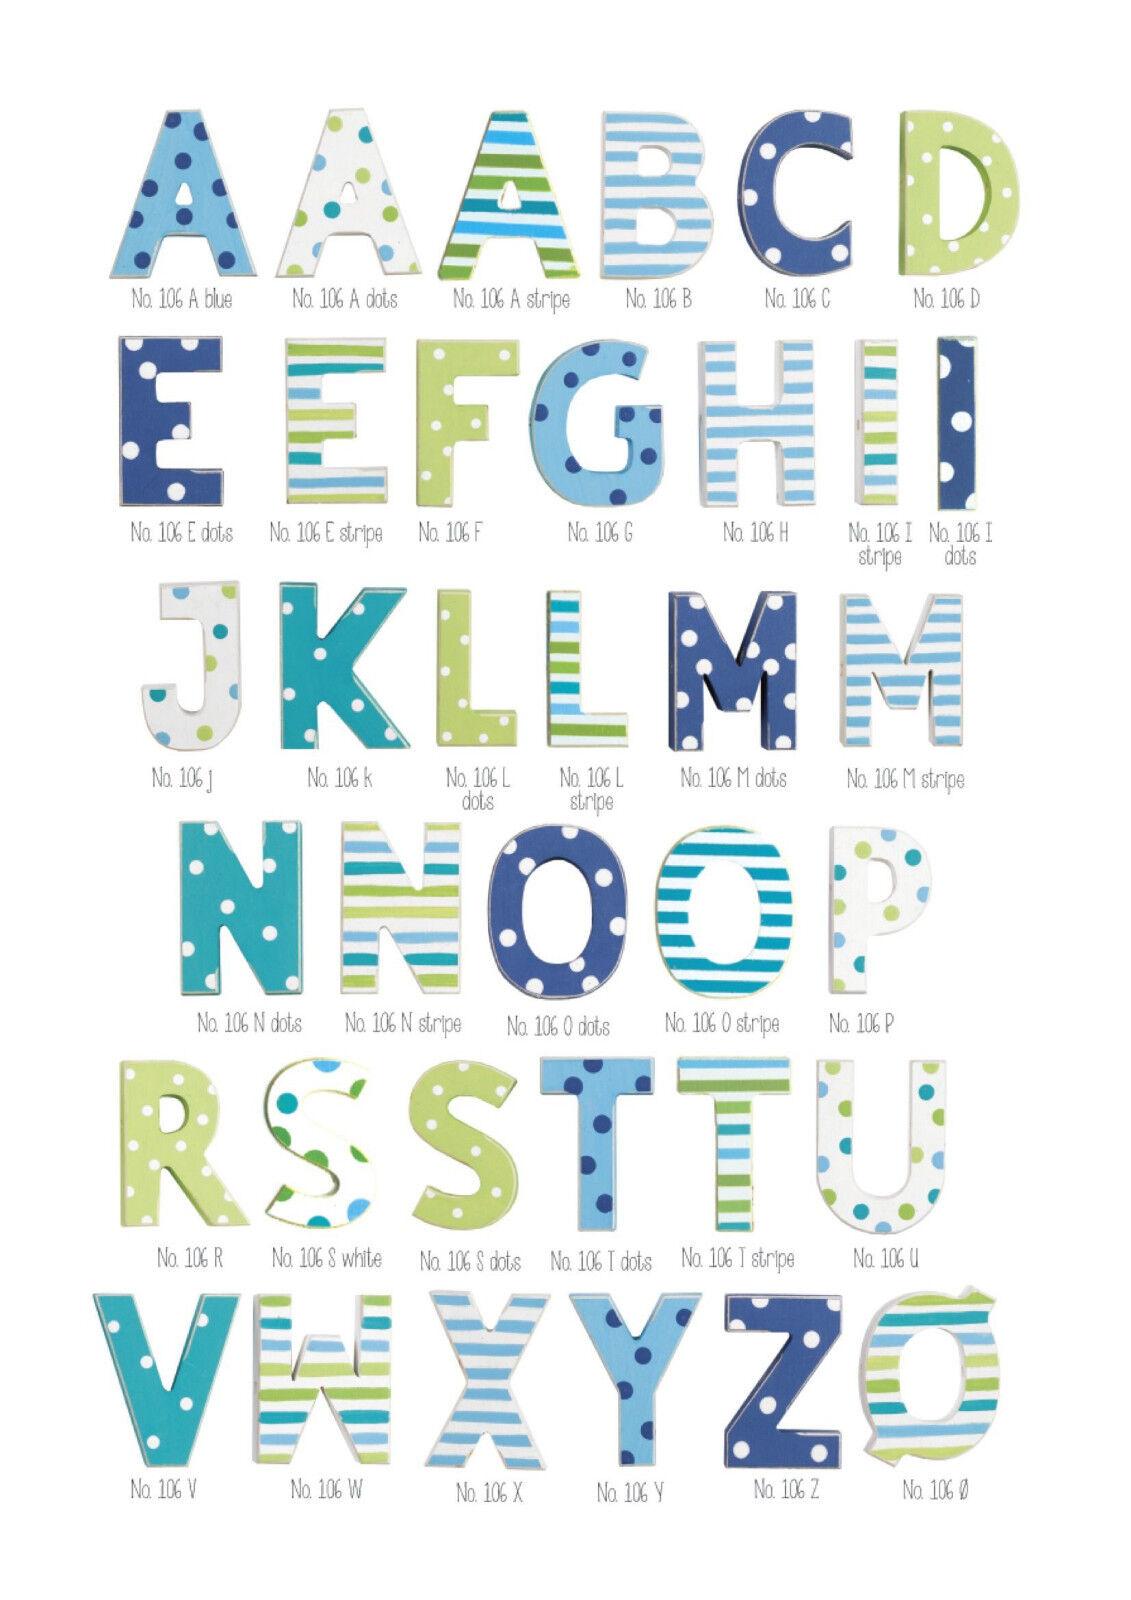 Kinderzimmer holzbuchstaben test vergleich - Kinderzimmer test ...